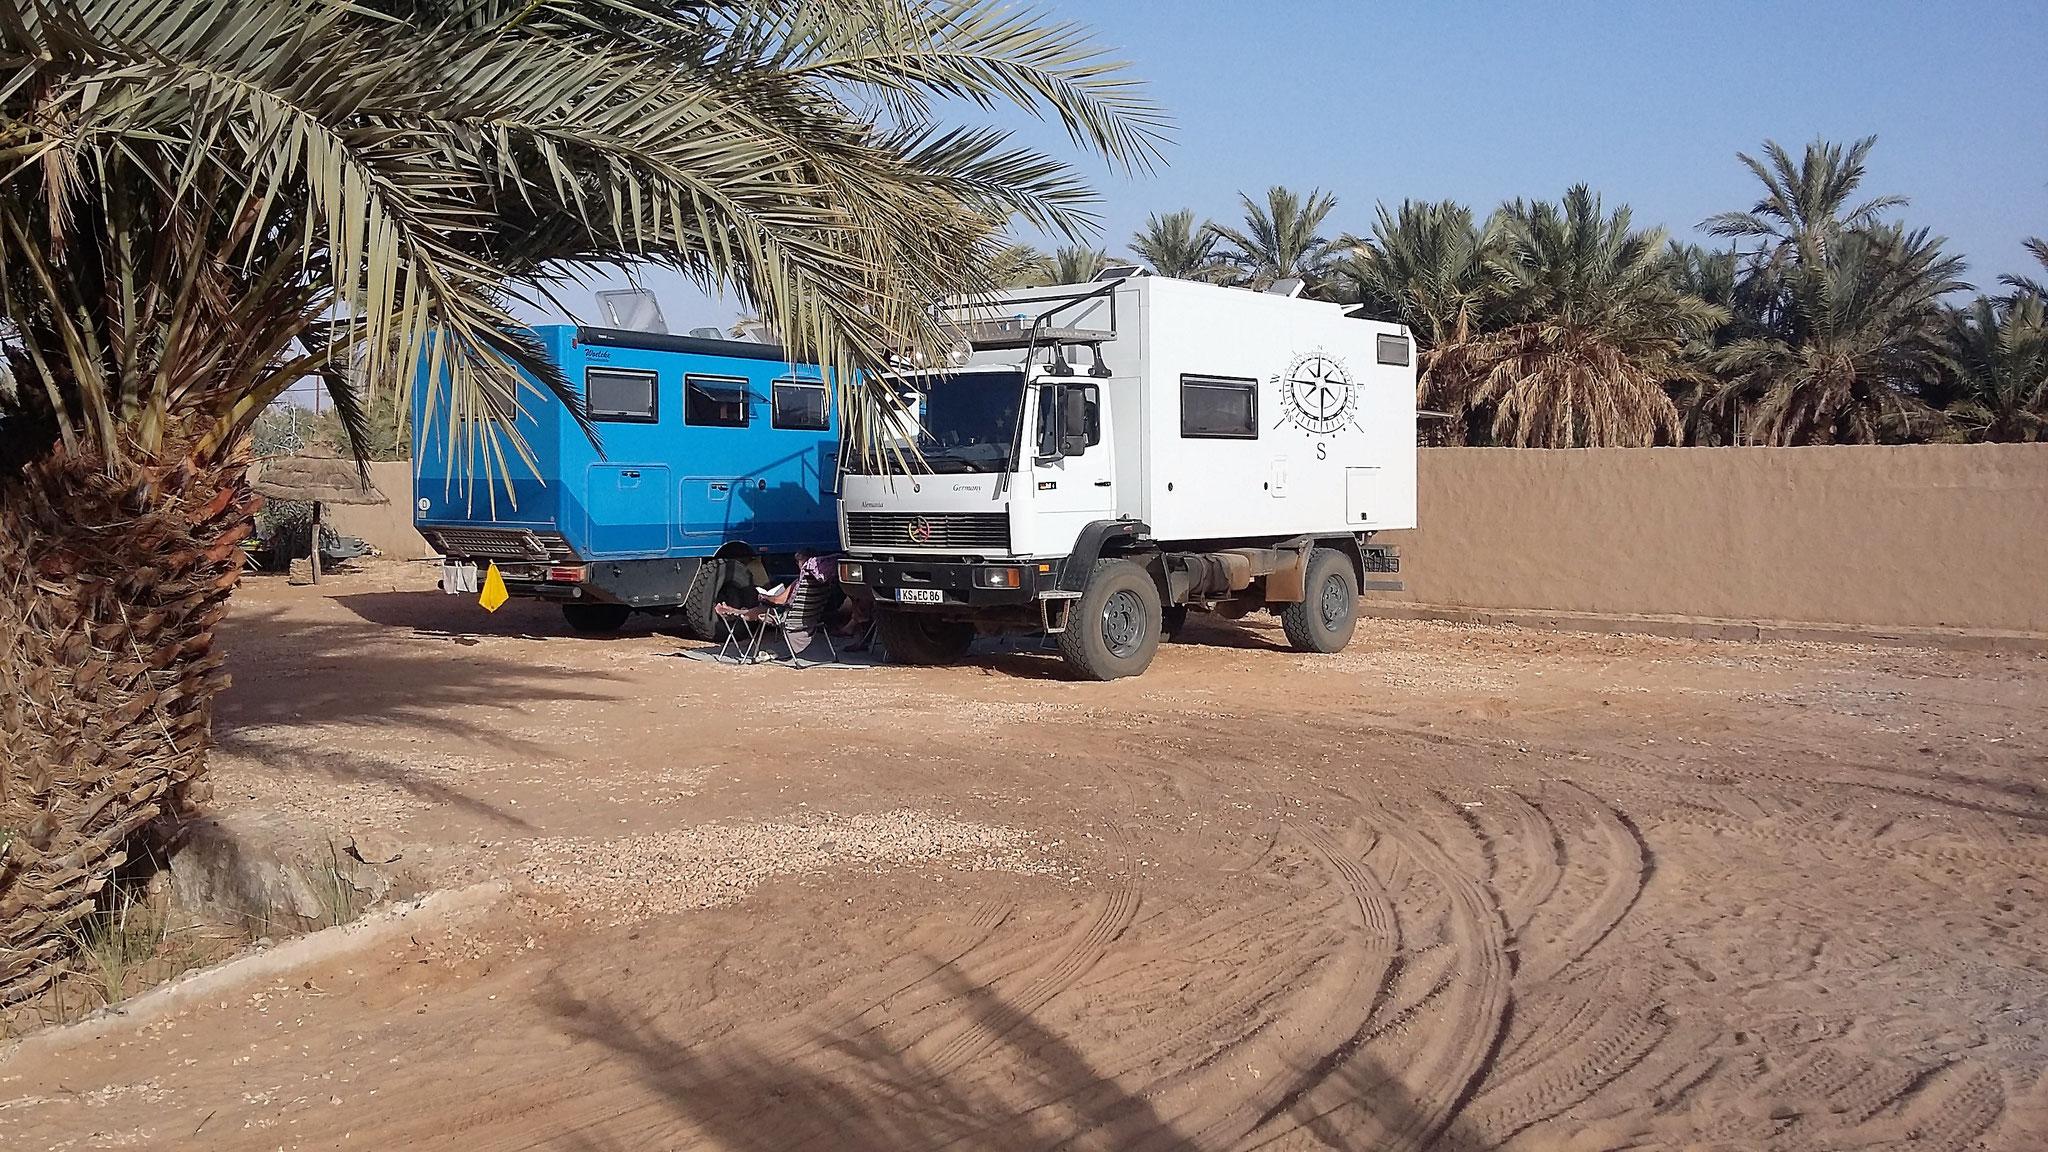 Camping Karla